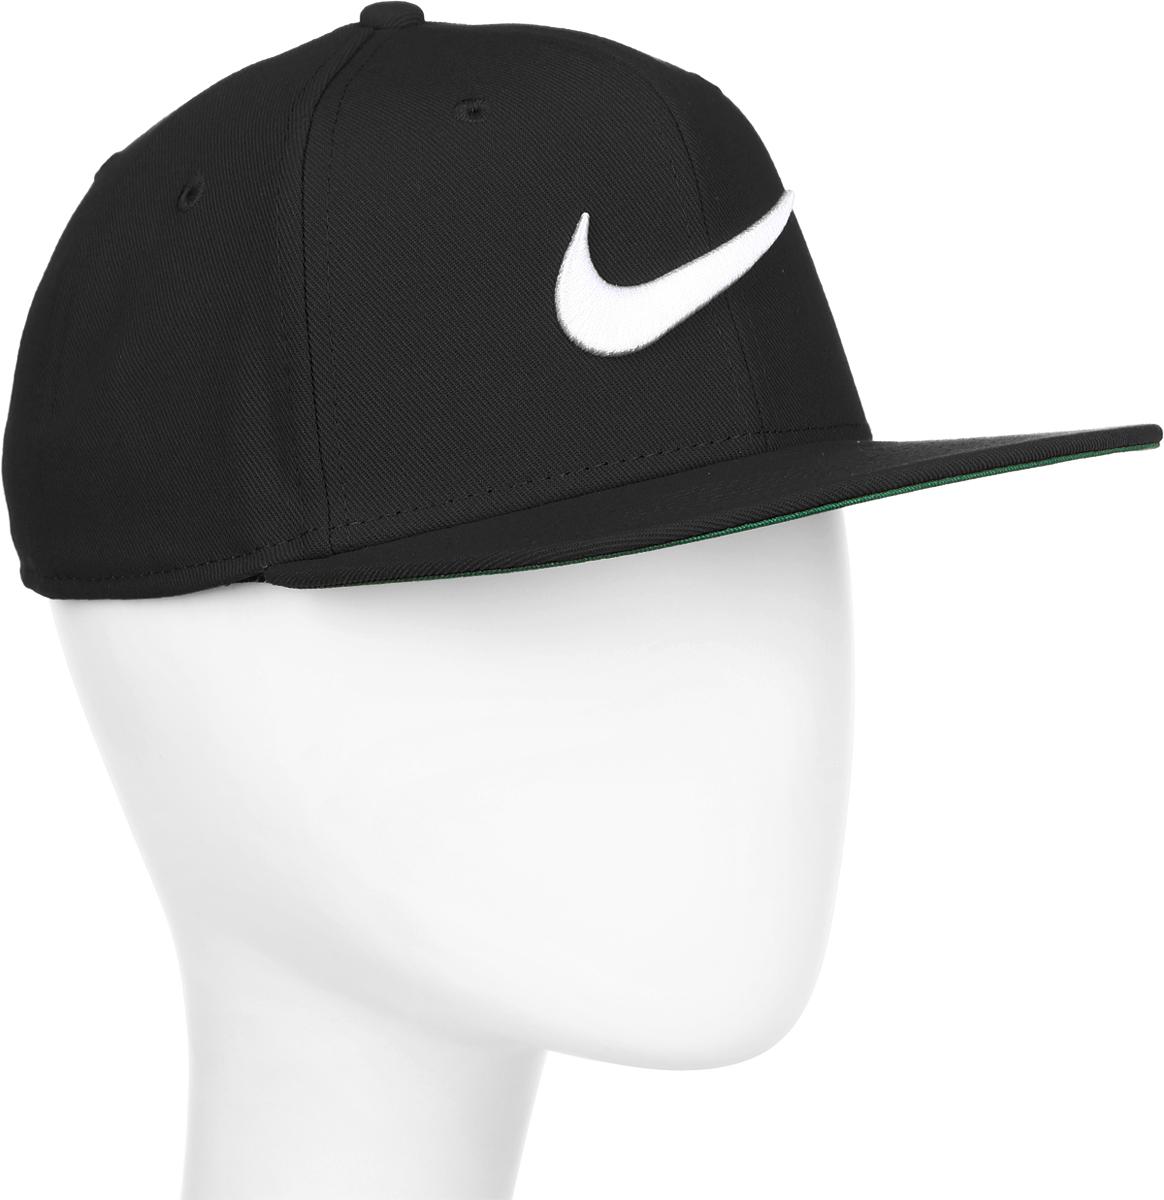 Бейсболка Nike Swoosh Pro, цвет: черный. 639534-011. Размер универсальный639534-011Бейсболка Swoosh Proот Nike выполнена из полиэстера. Модель имеет плотный козырек и оформлена эмблемой бренда.